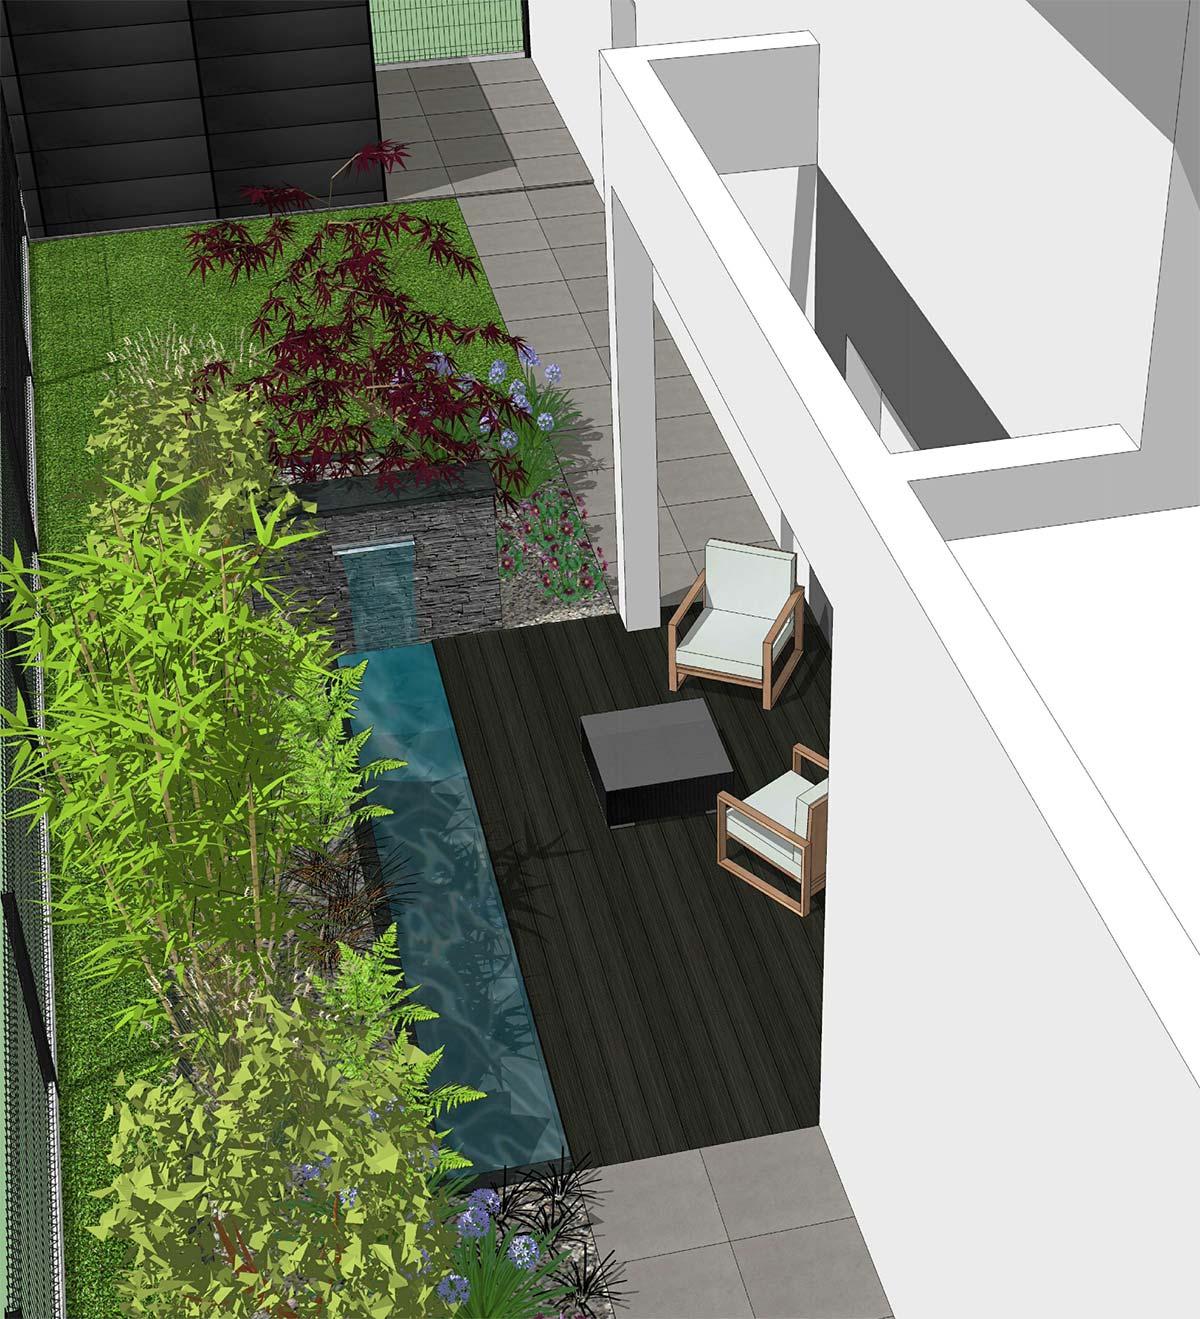 Architecte Jardin 3D Gratuit conception création plans jardins extérieurs 3d rennes saint